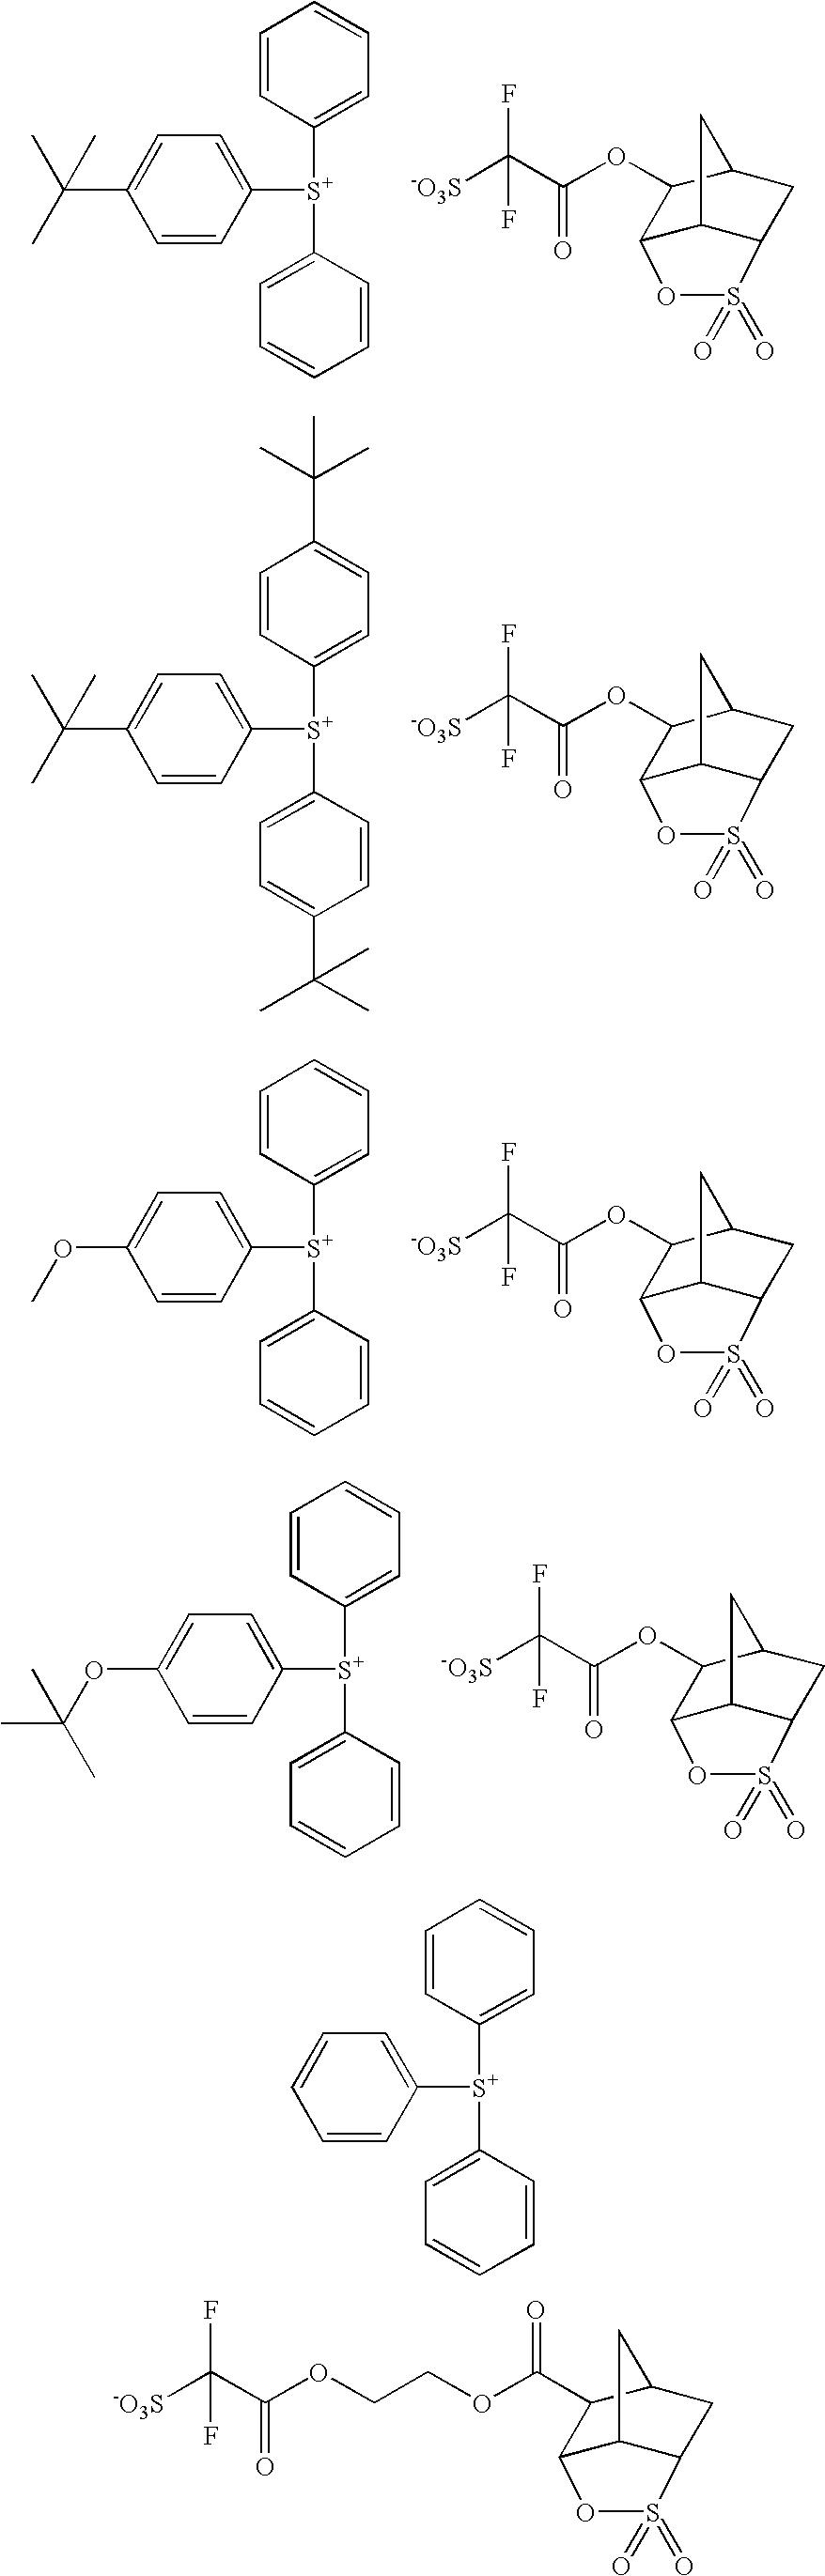 Figure US20100323296A1-20101223-C00158